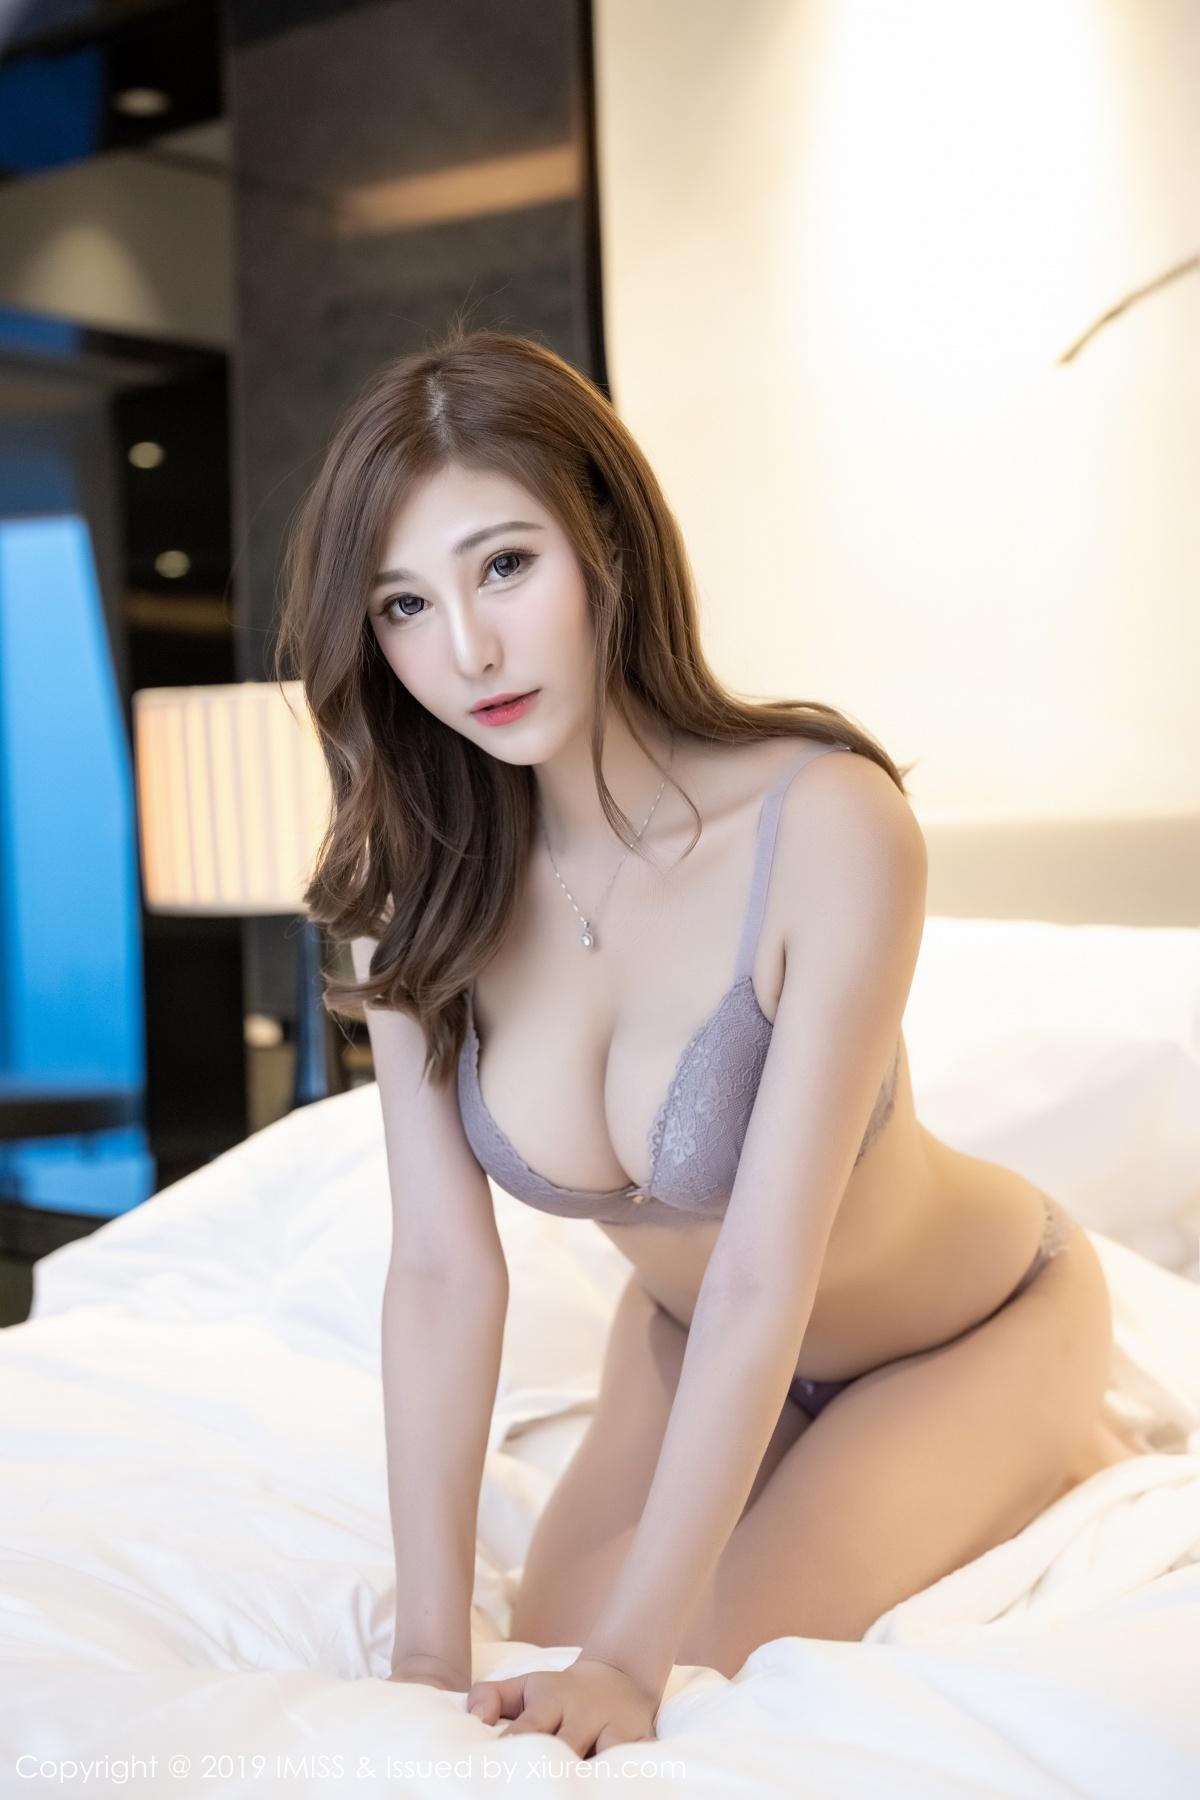 爱蜜社 [IMISS] 2019.06.28 VOL.356 Lavinia